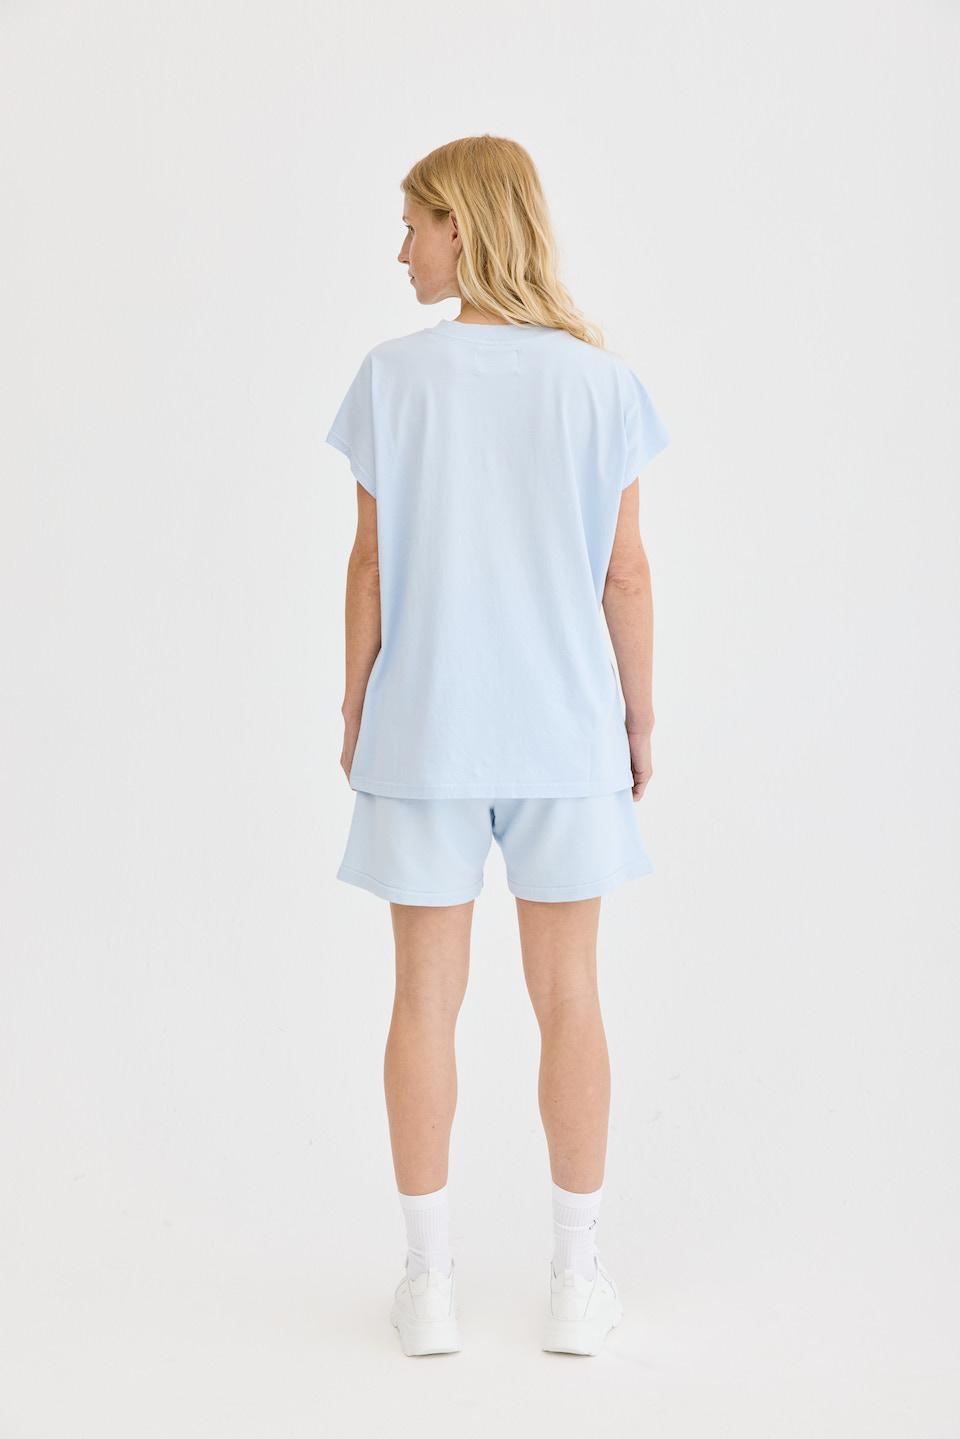 CPH Shirt 1 org. cotton light blue - alternative 1